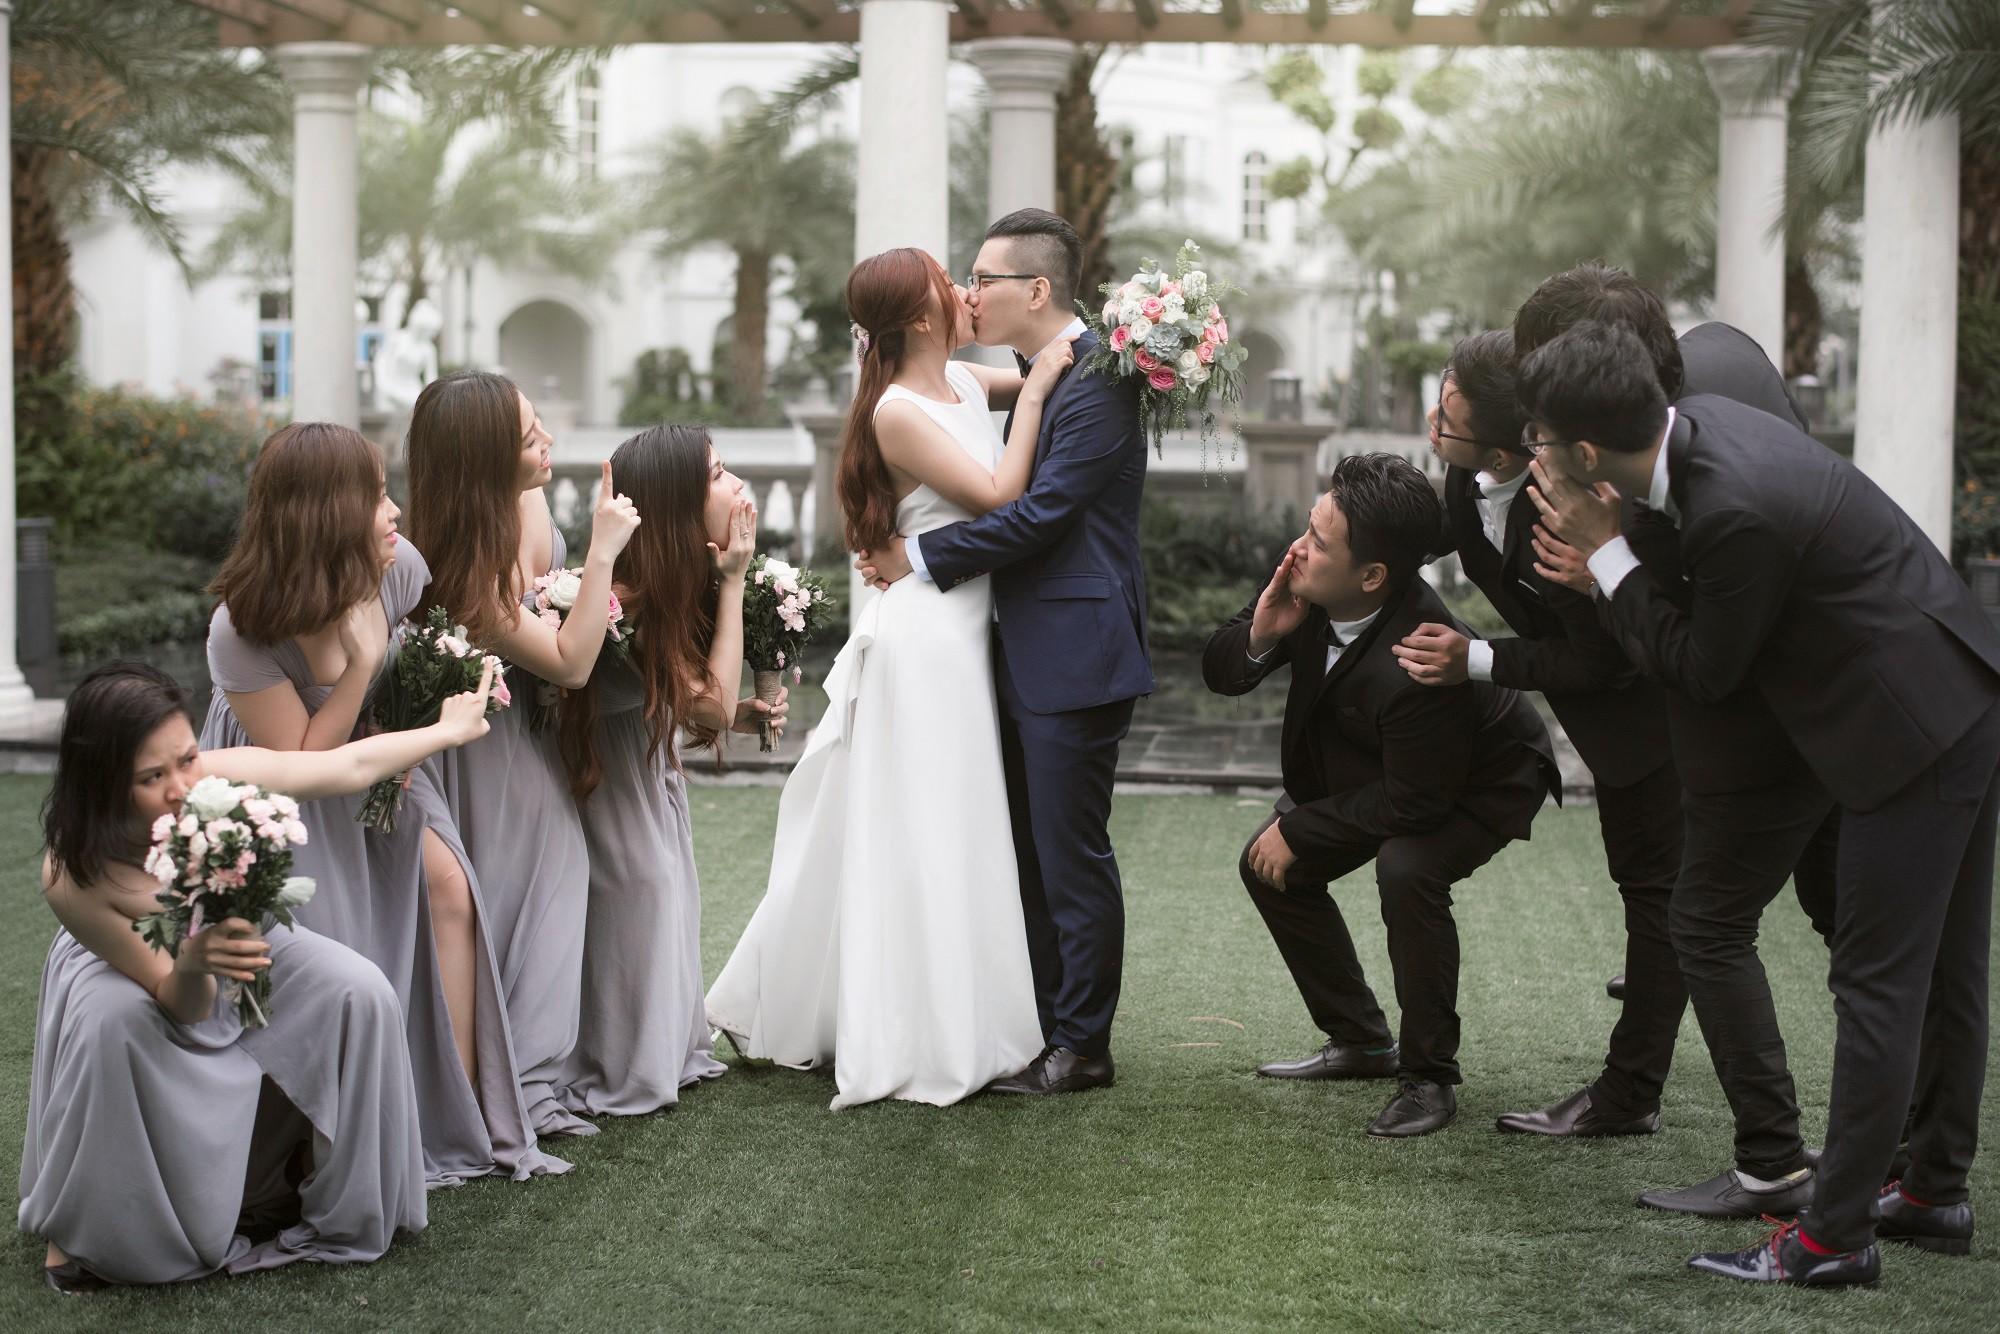 Chuyện tình nàng khó chàng lì cực dễ thương của em gái Trấn Thành và bạn trai Hongkong - Ảnh 6.